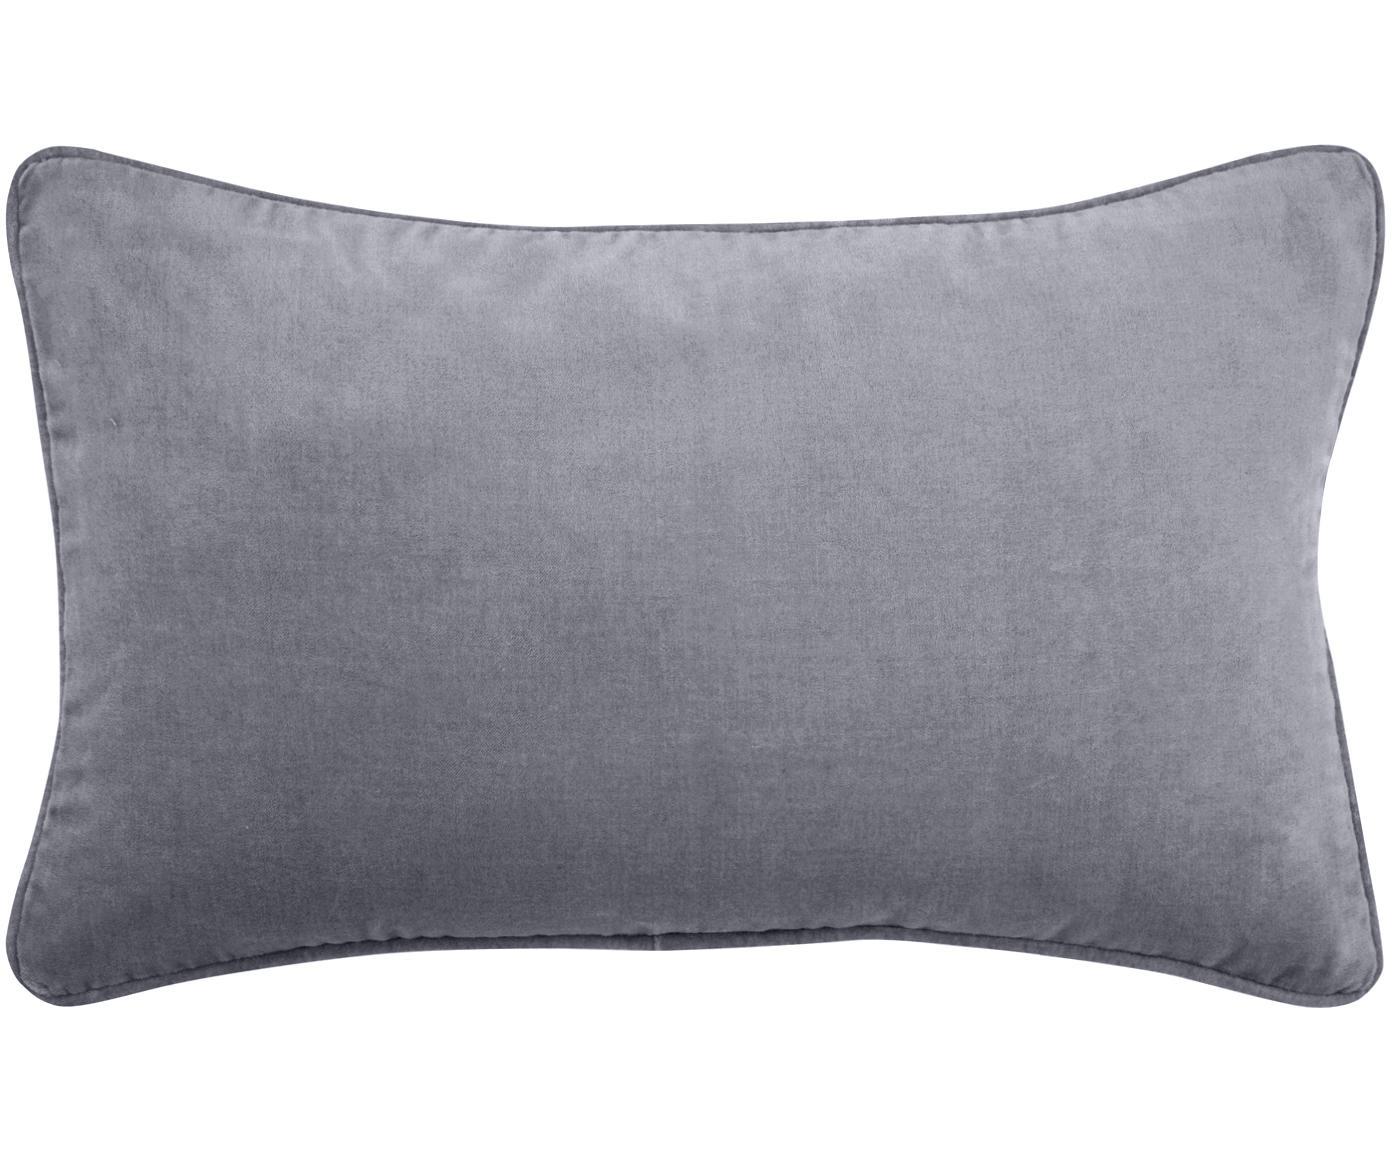 Funda de cojín de terciopelo Dana, Terciopelo de algodón, Gris oscuro, An 30 x L 50 cm